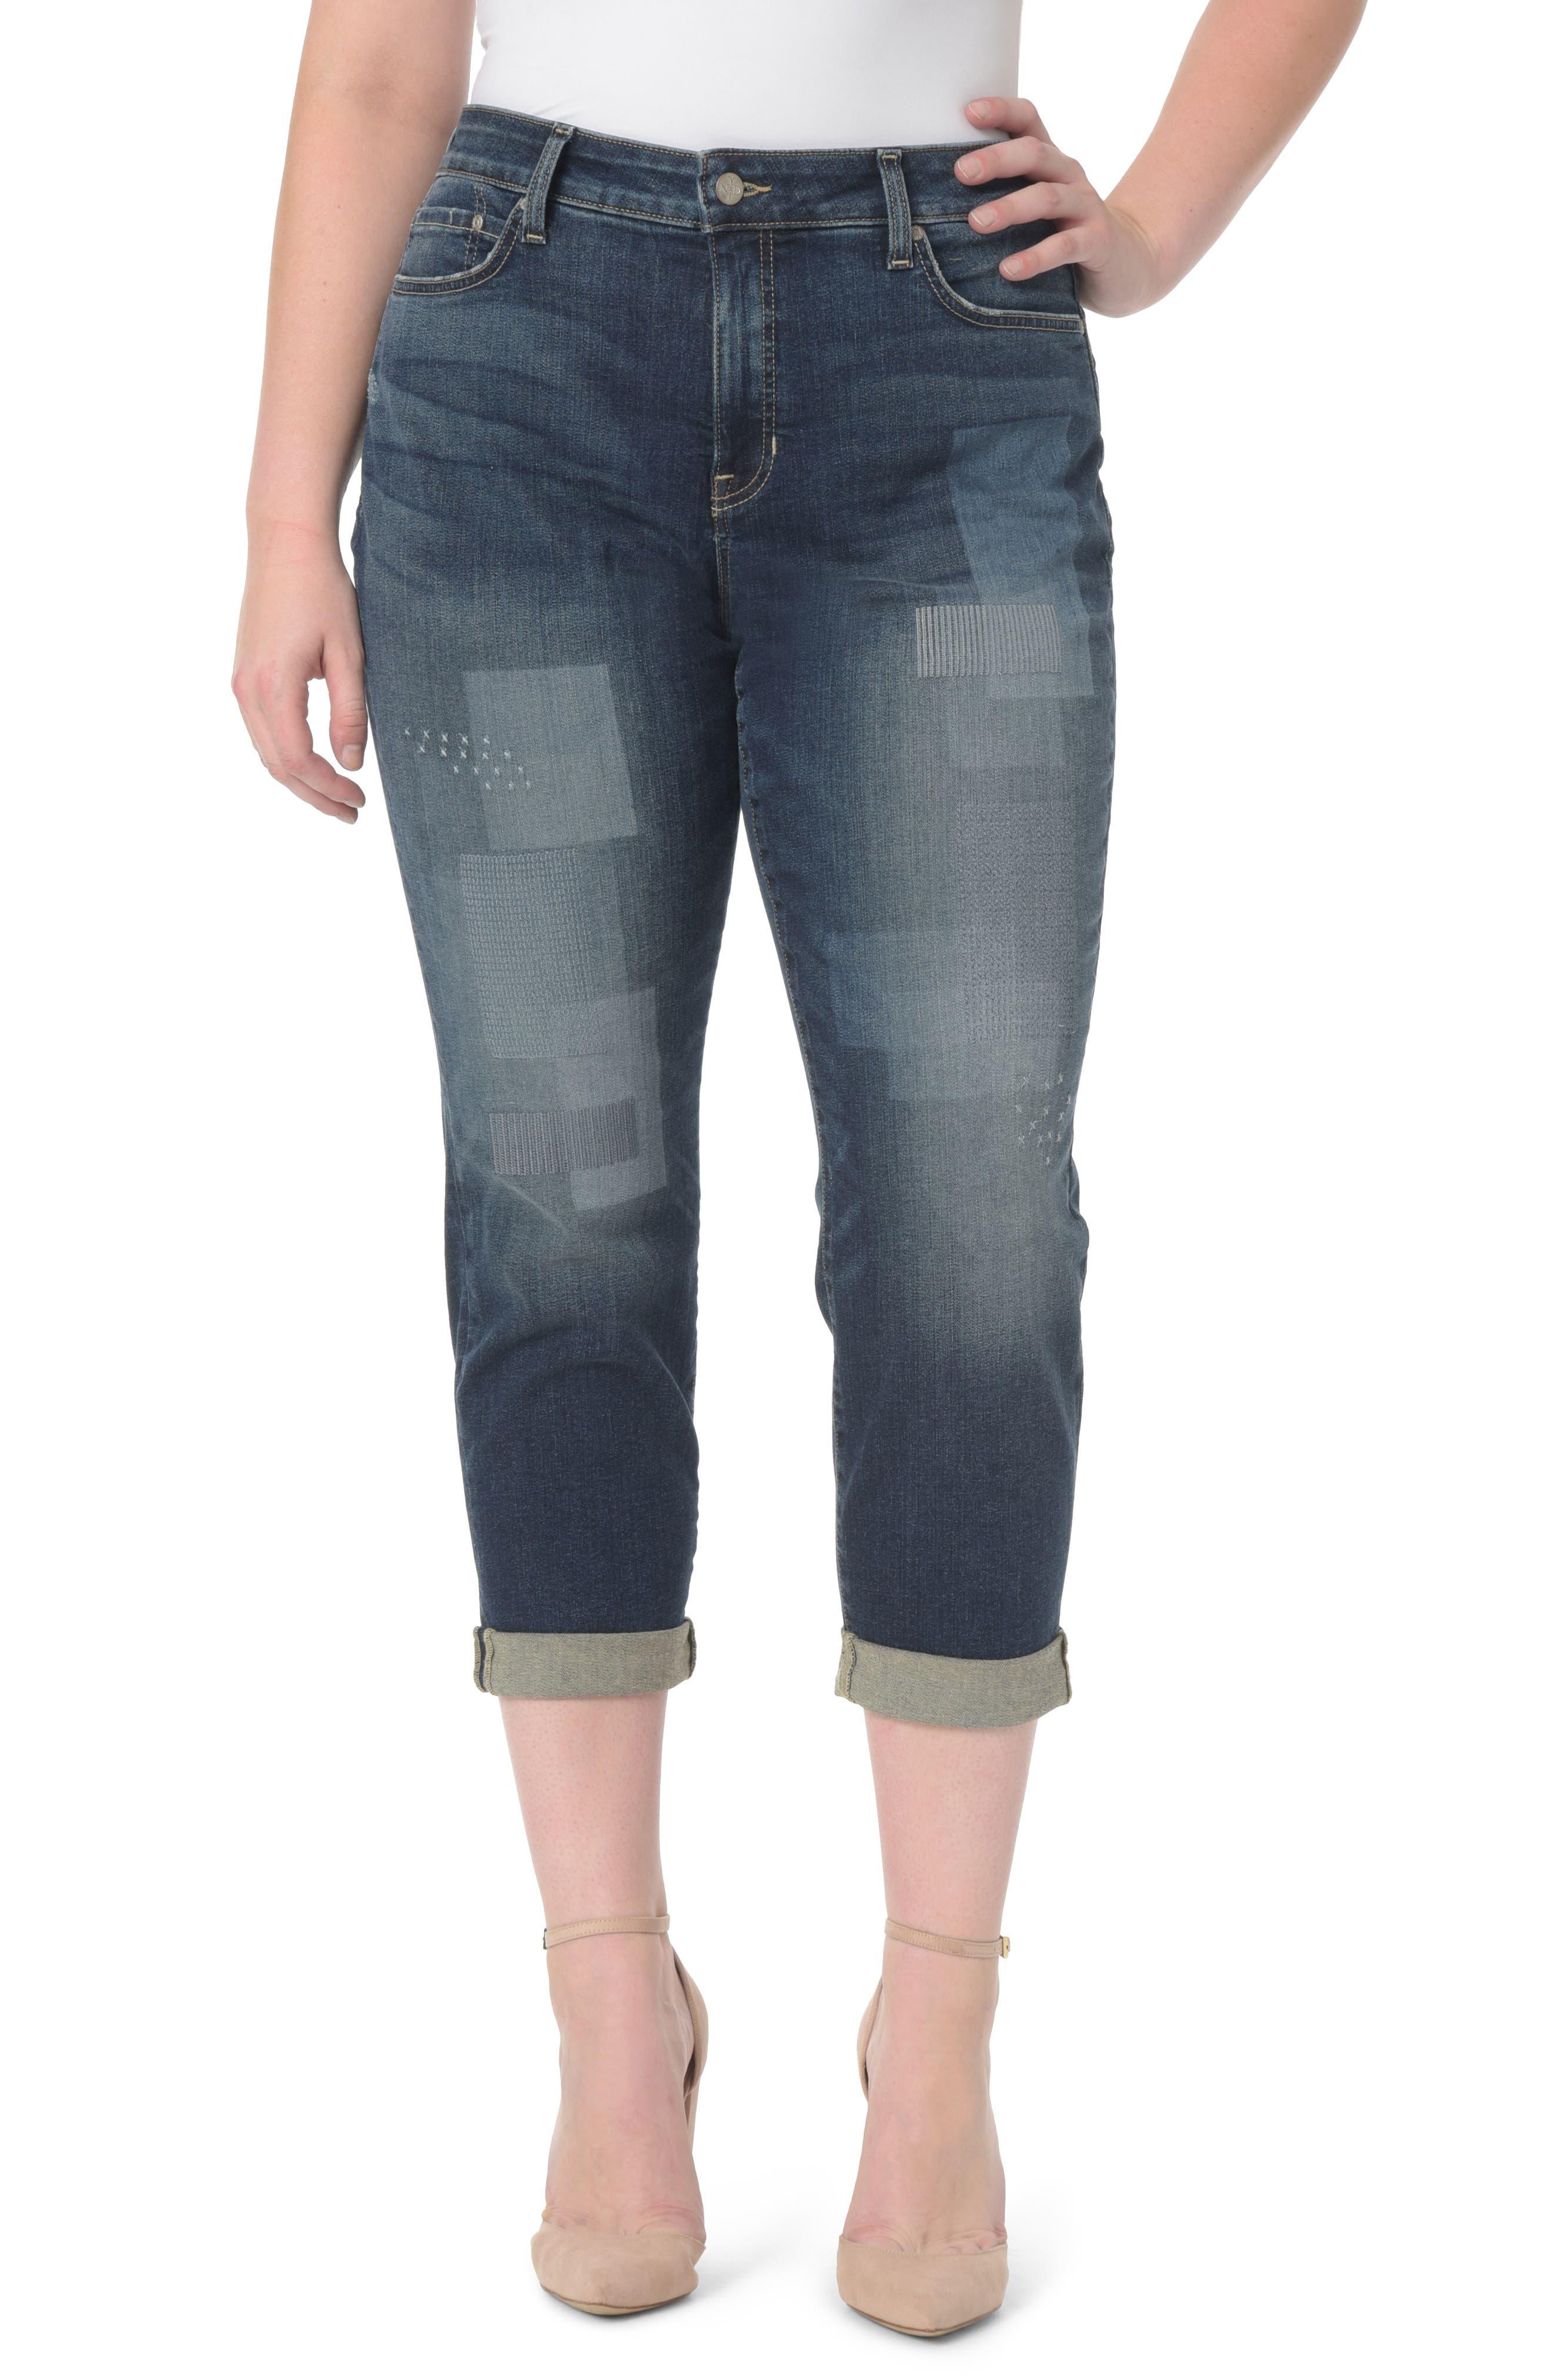 NYDJ Shadow Patch Stretch Boyfriend Jeans (Horizon) (Plus Size)